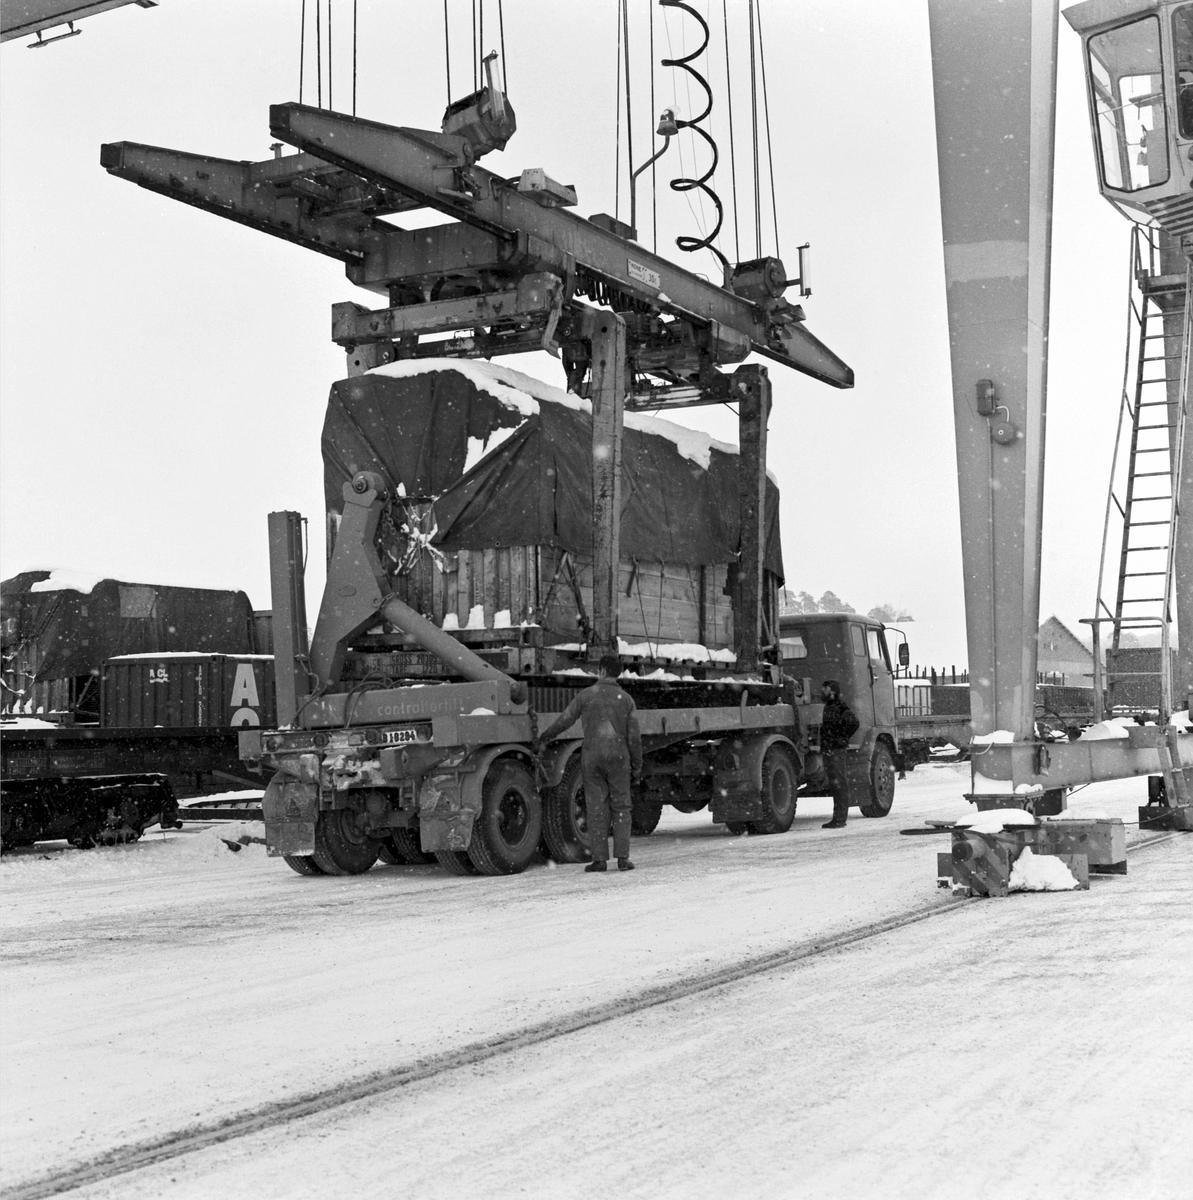 Trähus-transport. Byggplats Solna - Vallentuna